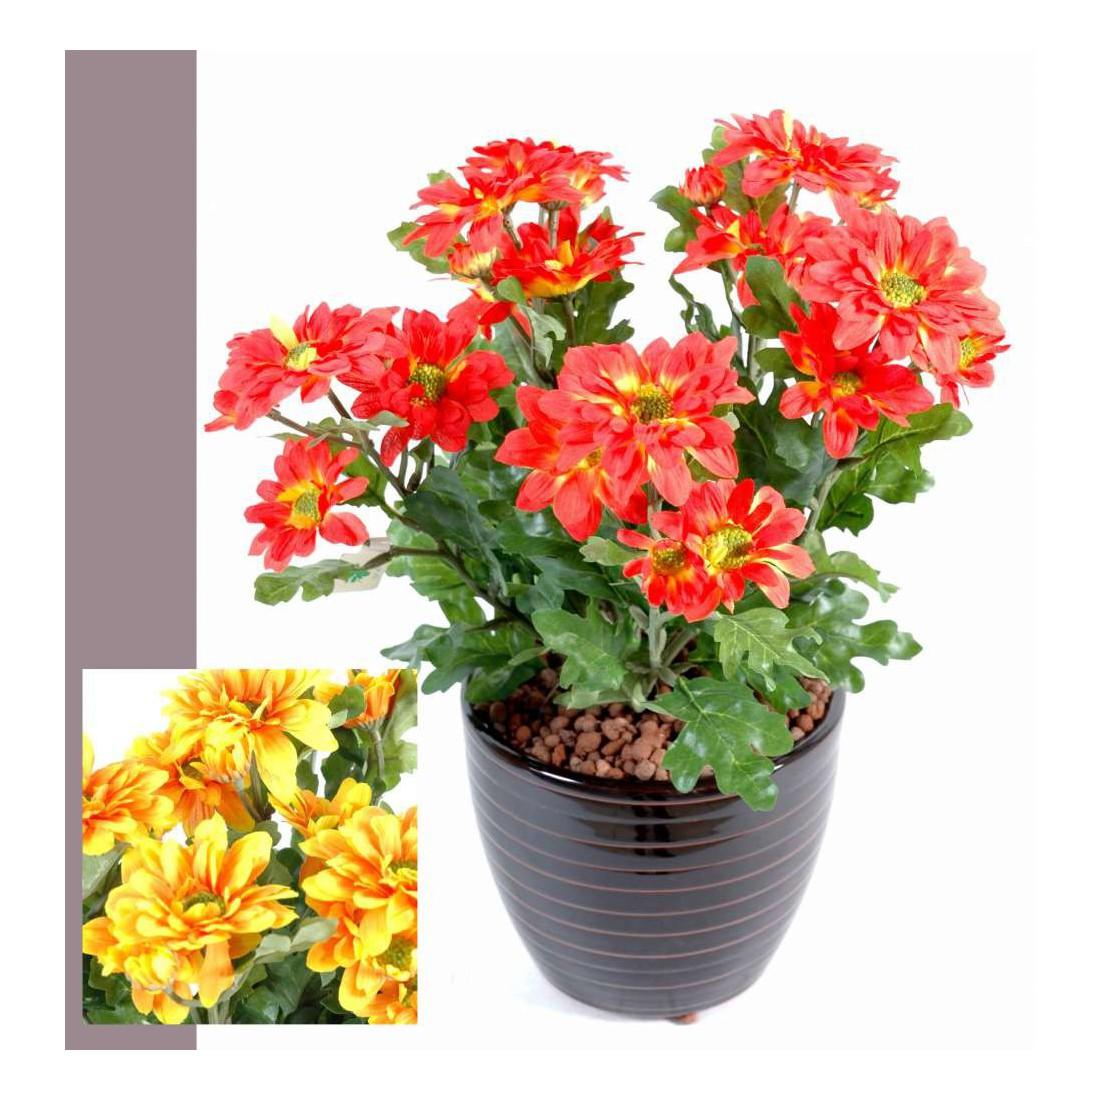 Anth mis mini plantes artificielles plantes fleuries for Plantes artificielles lyon